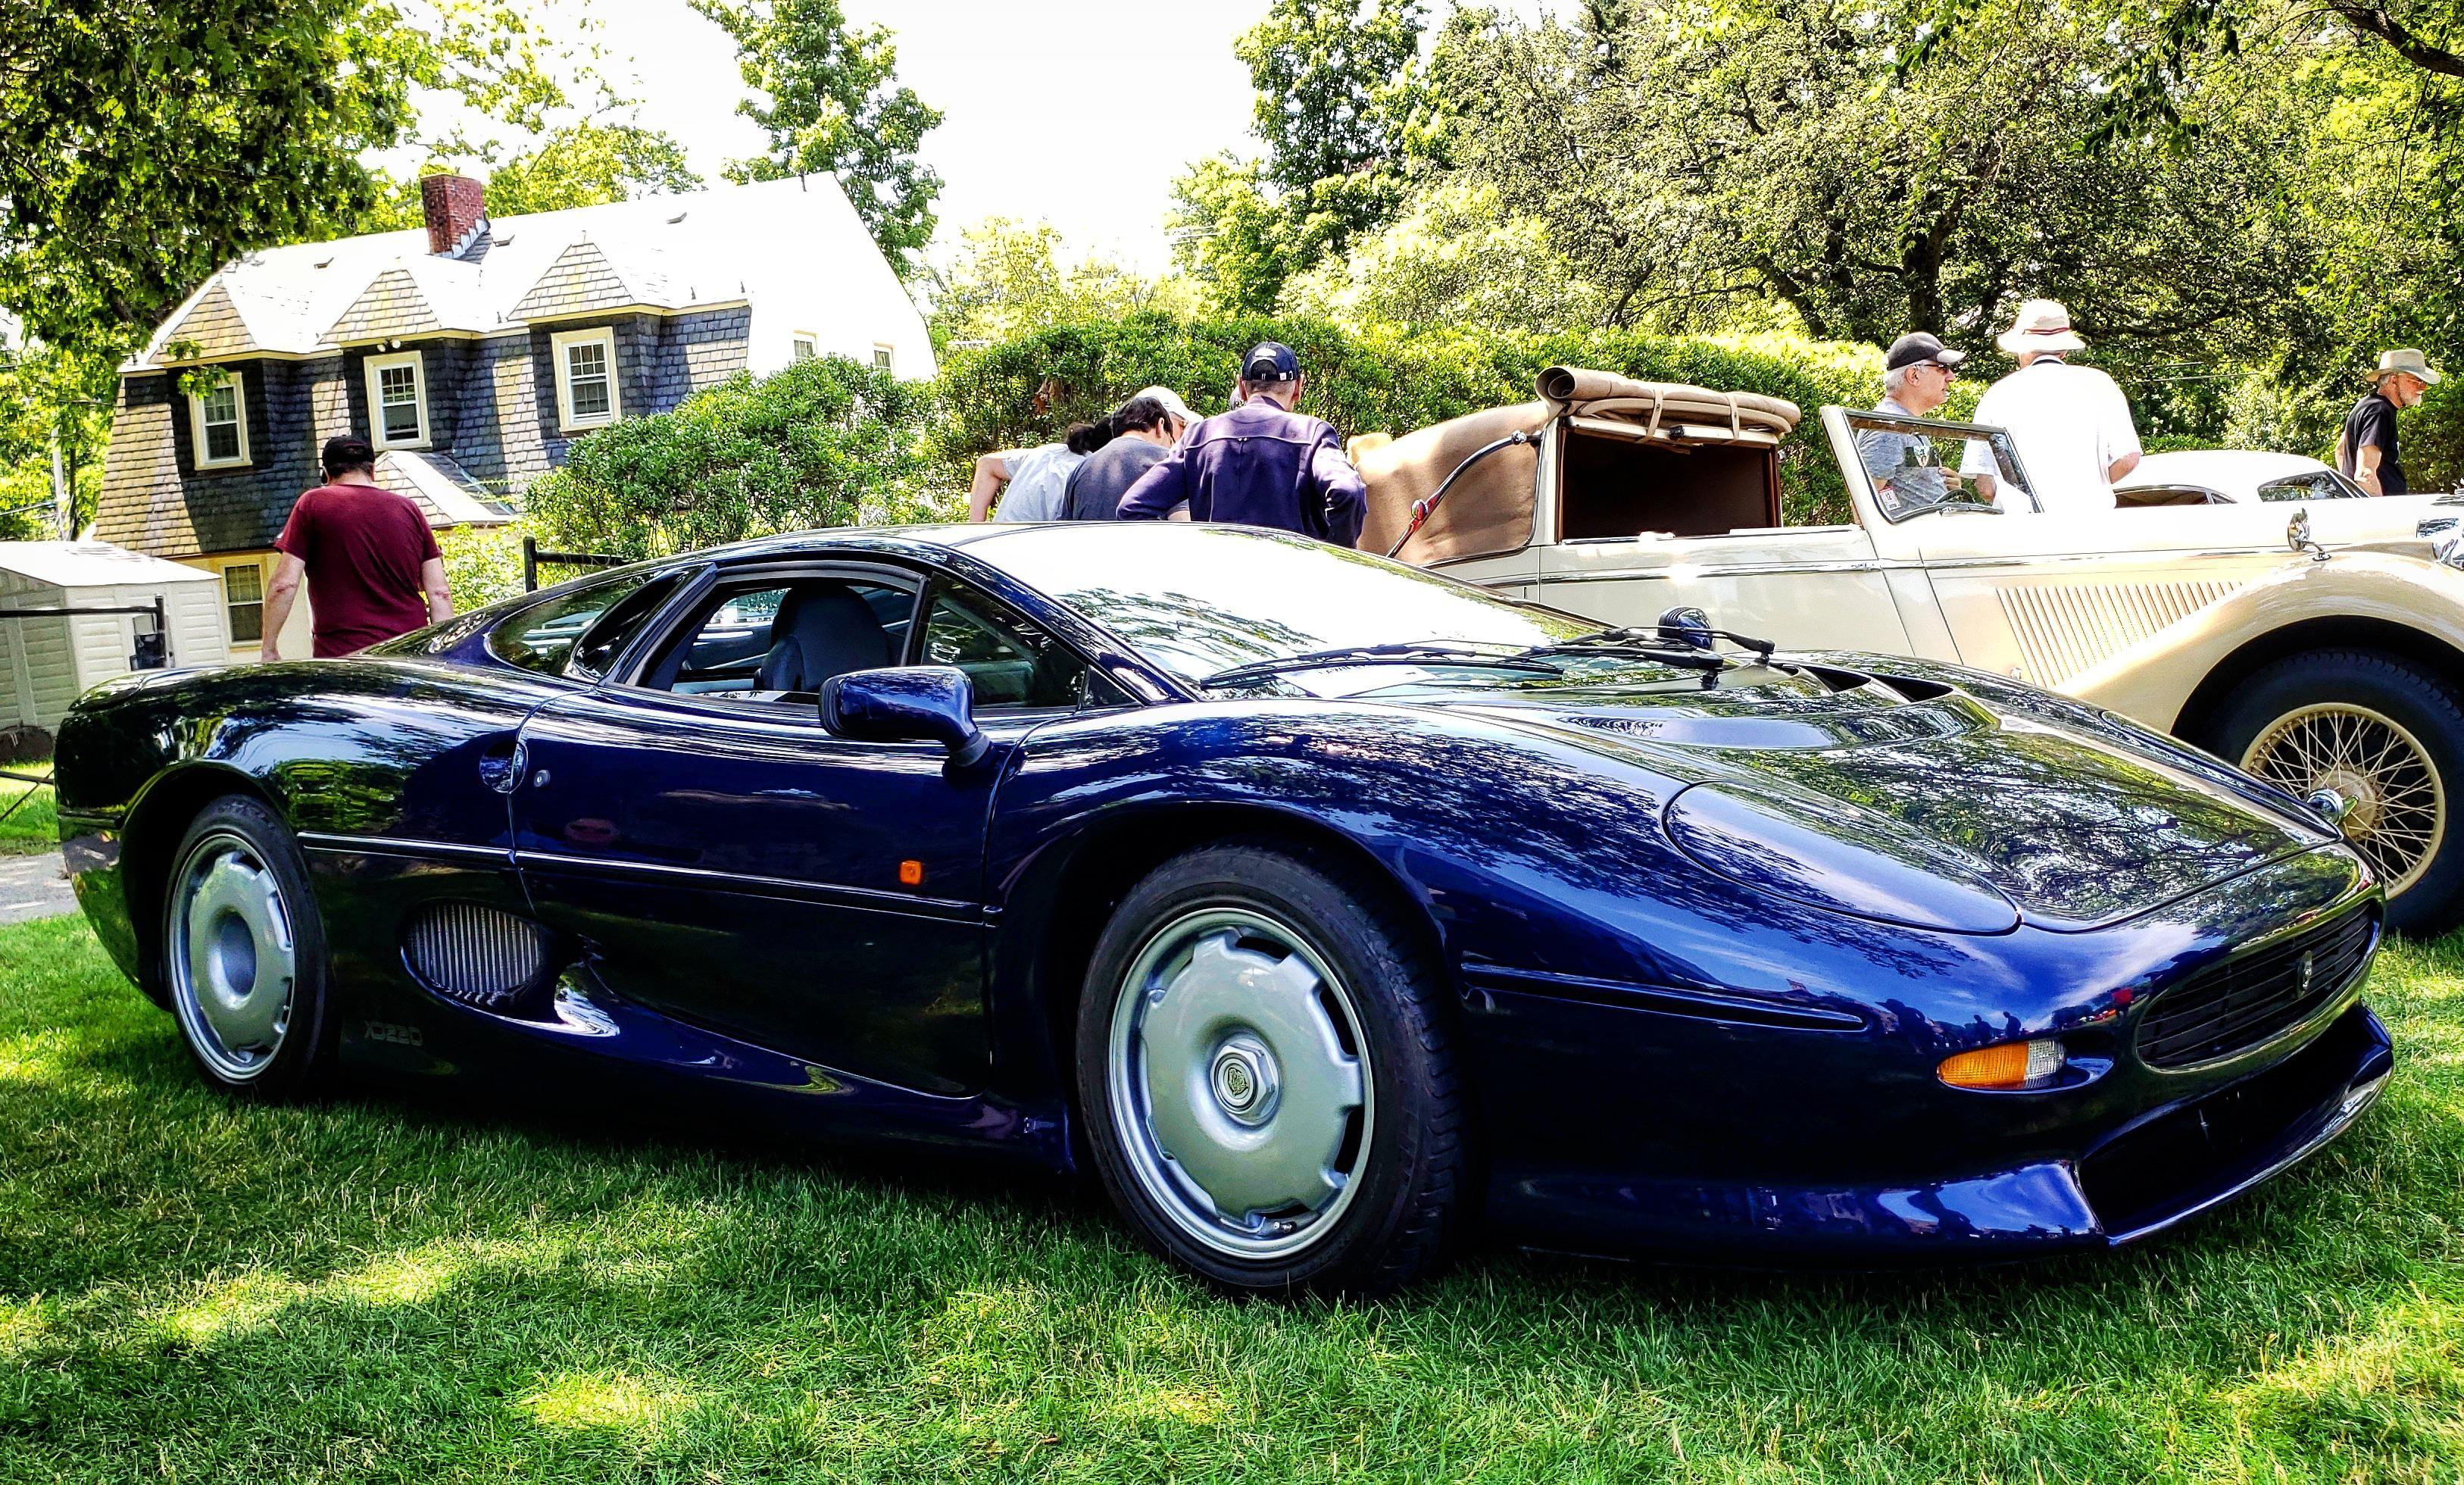 Jaguar Xj220 That One Time Jag Made A Supercar Oc Jaguar Car Jaguar Xj220 Super Cars